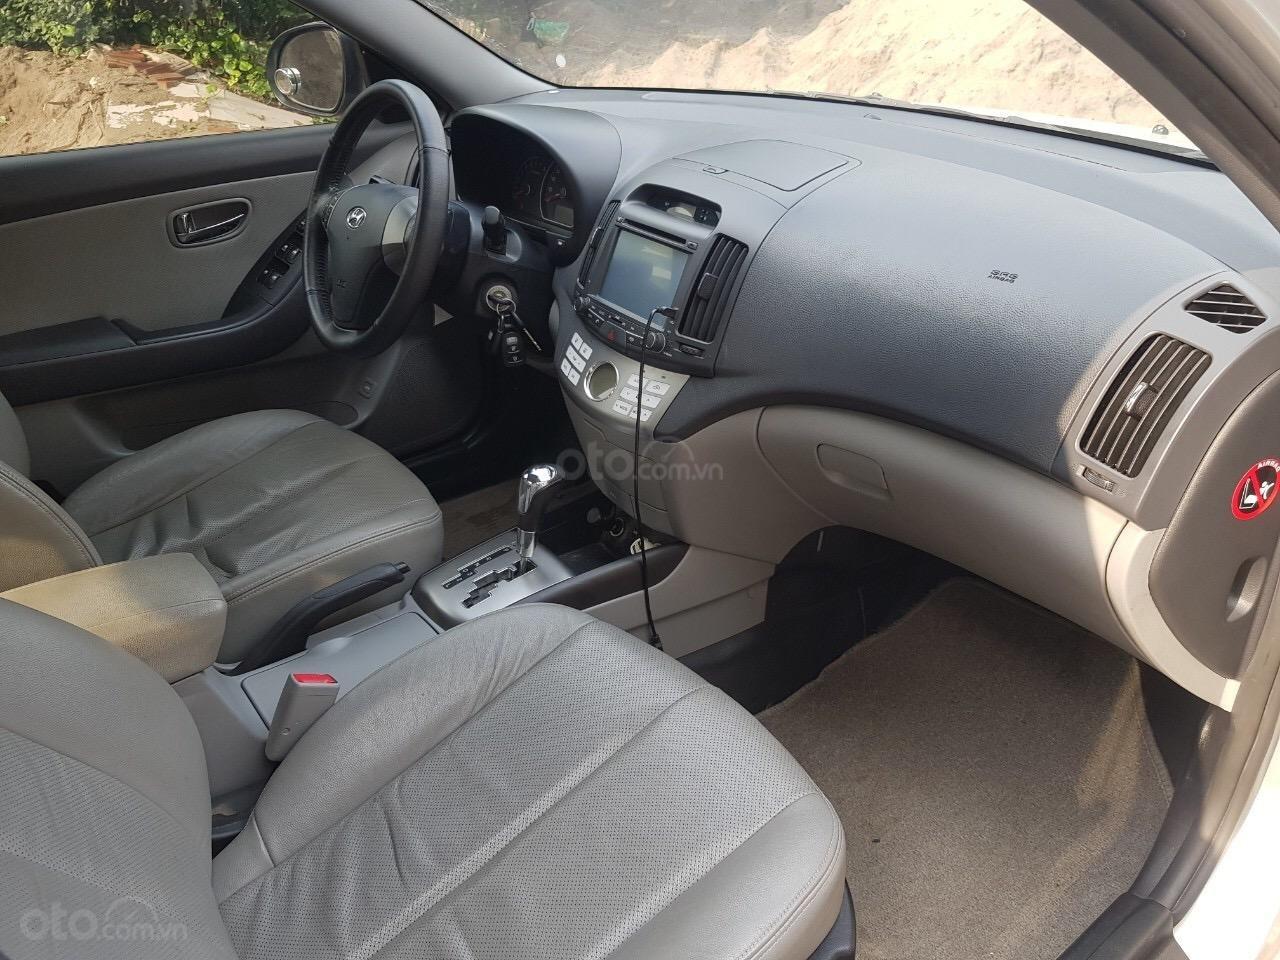 Cần bán Hyundai Avante năm sản xuất 2014, nhập khẩu (6)